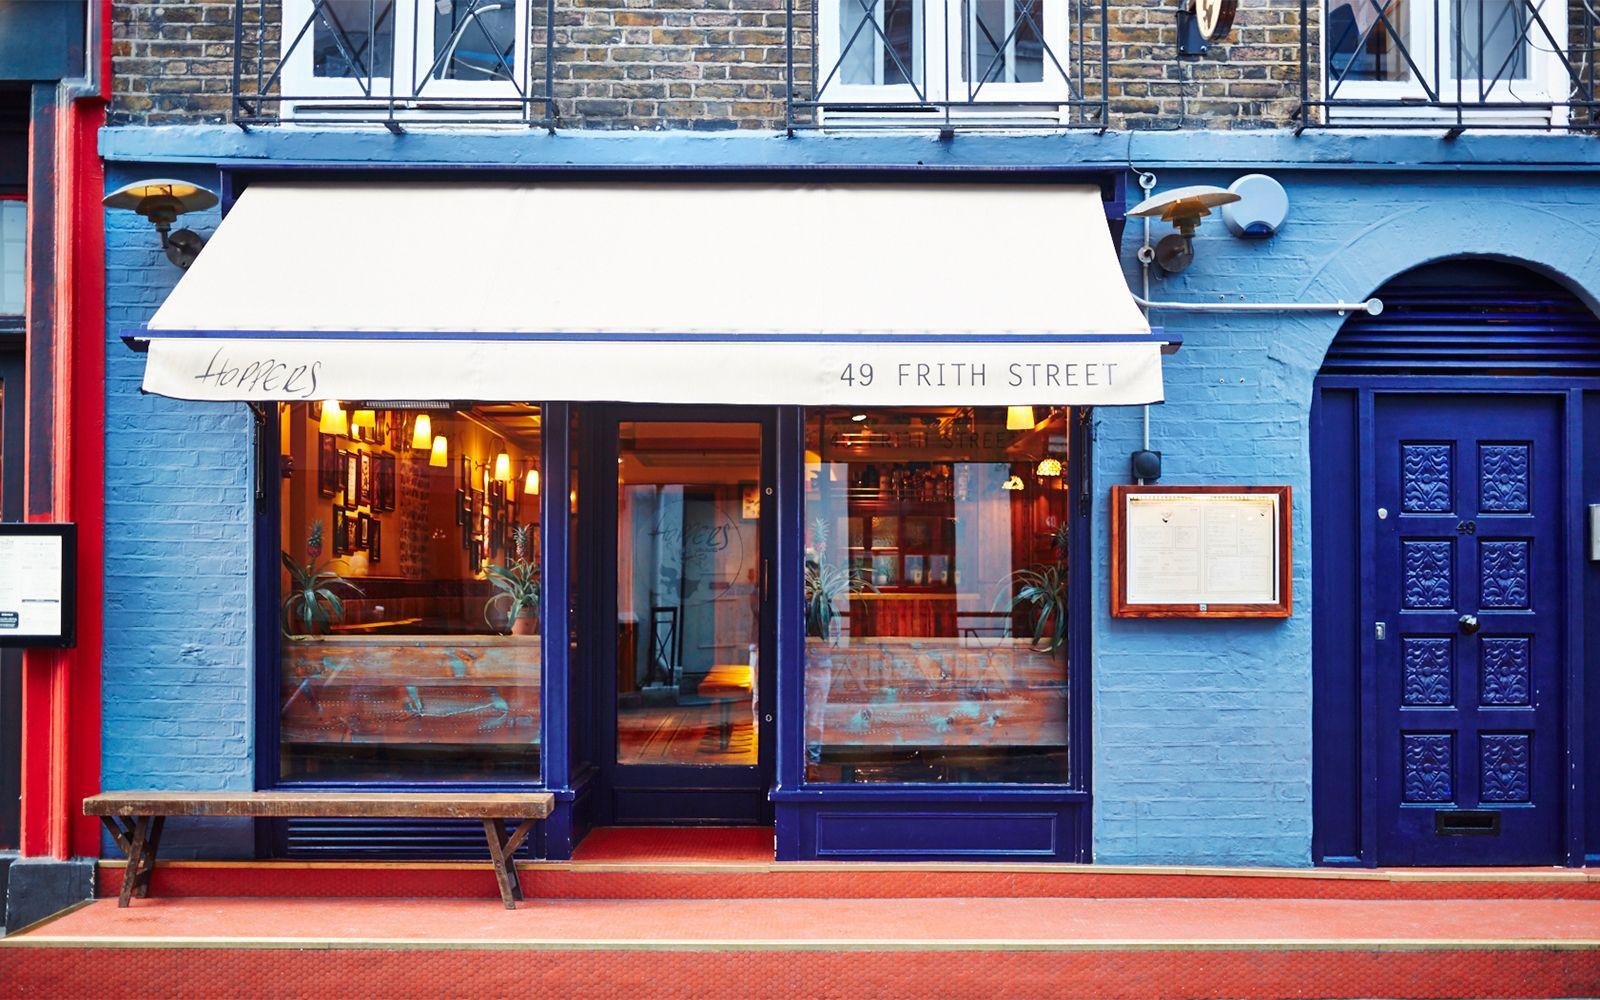 Hoppers restaurant London